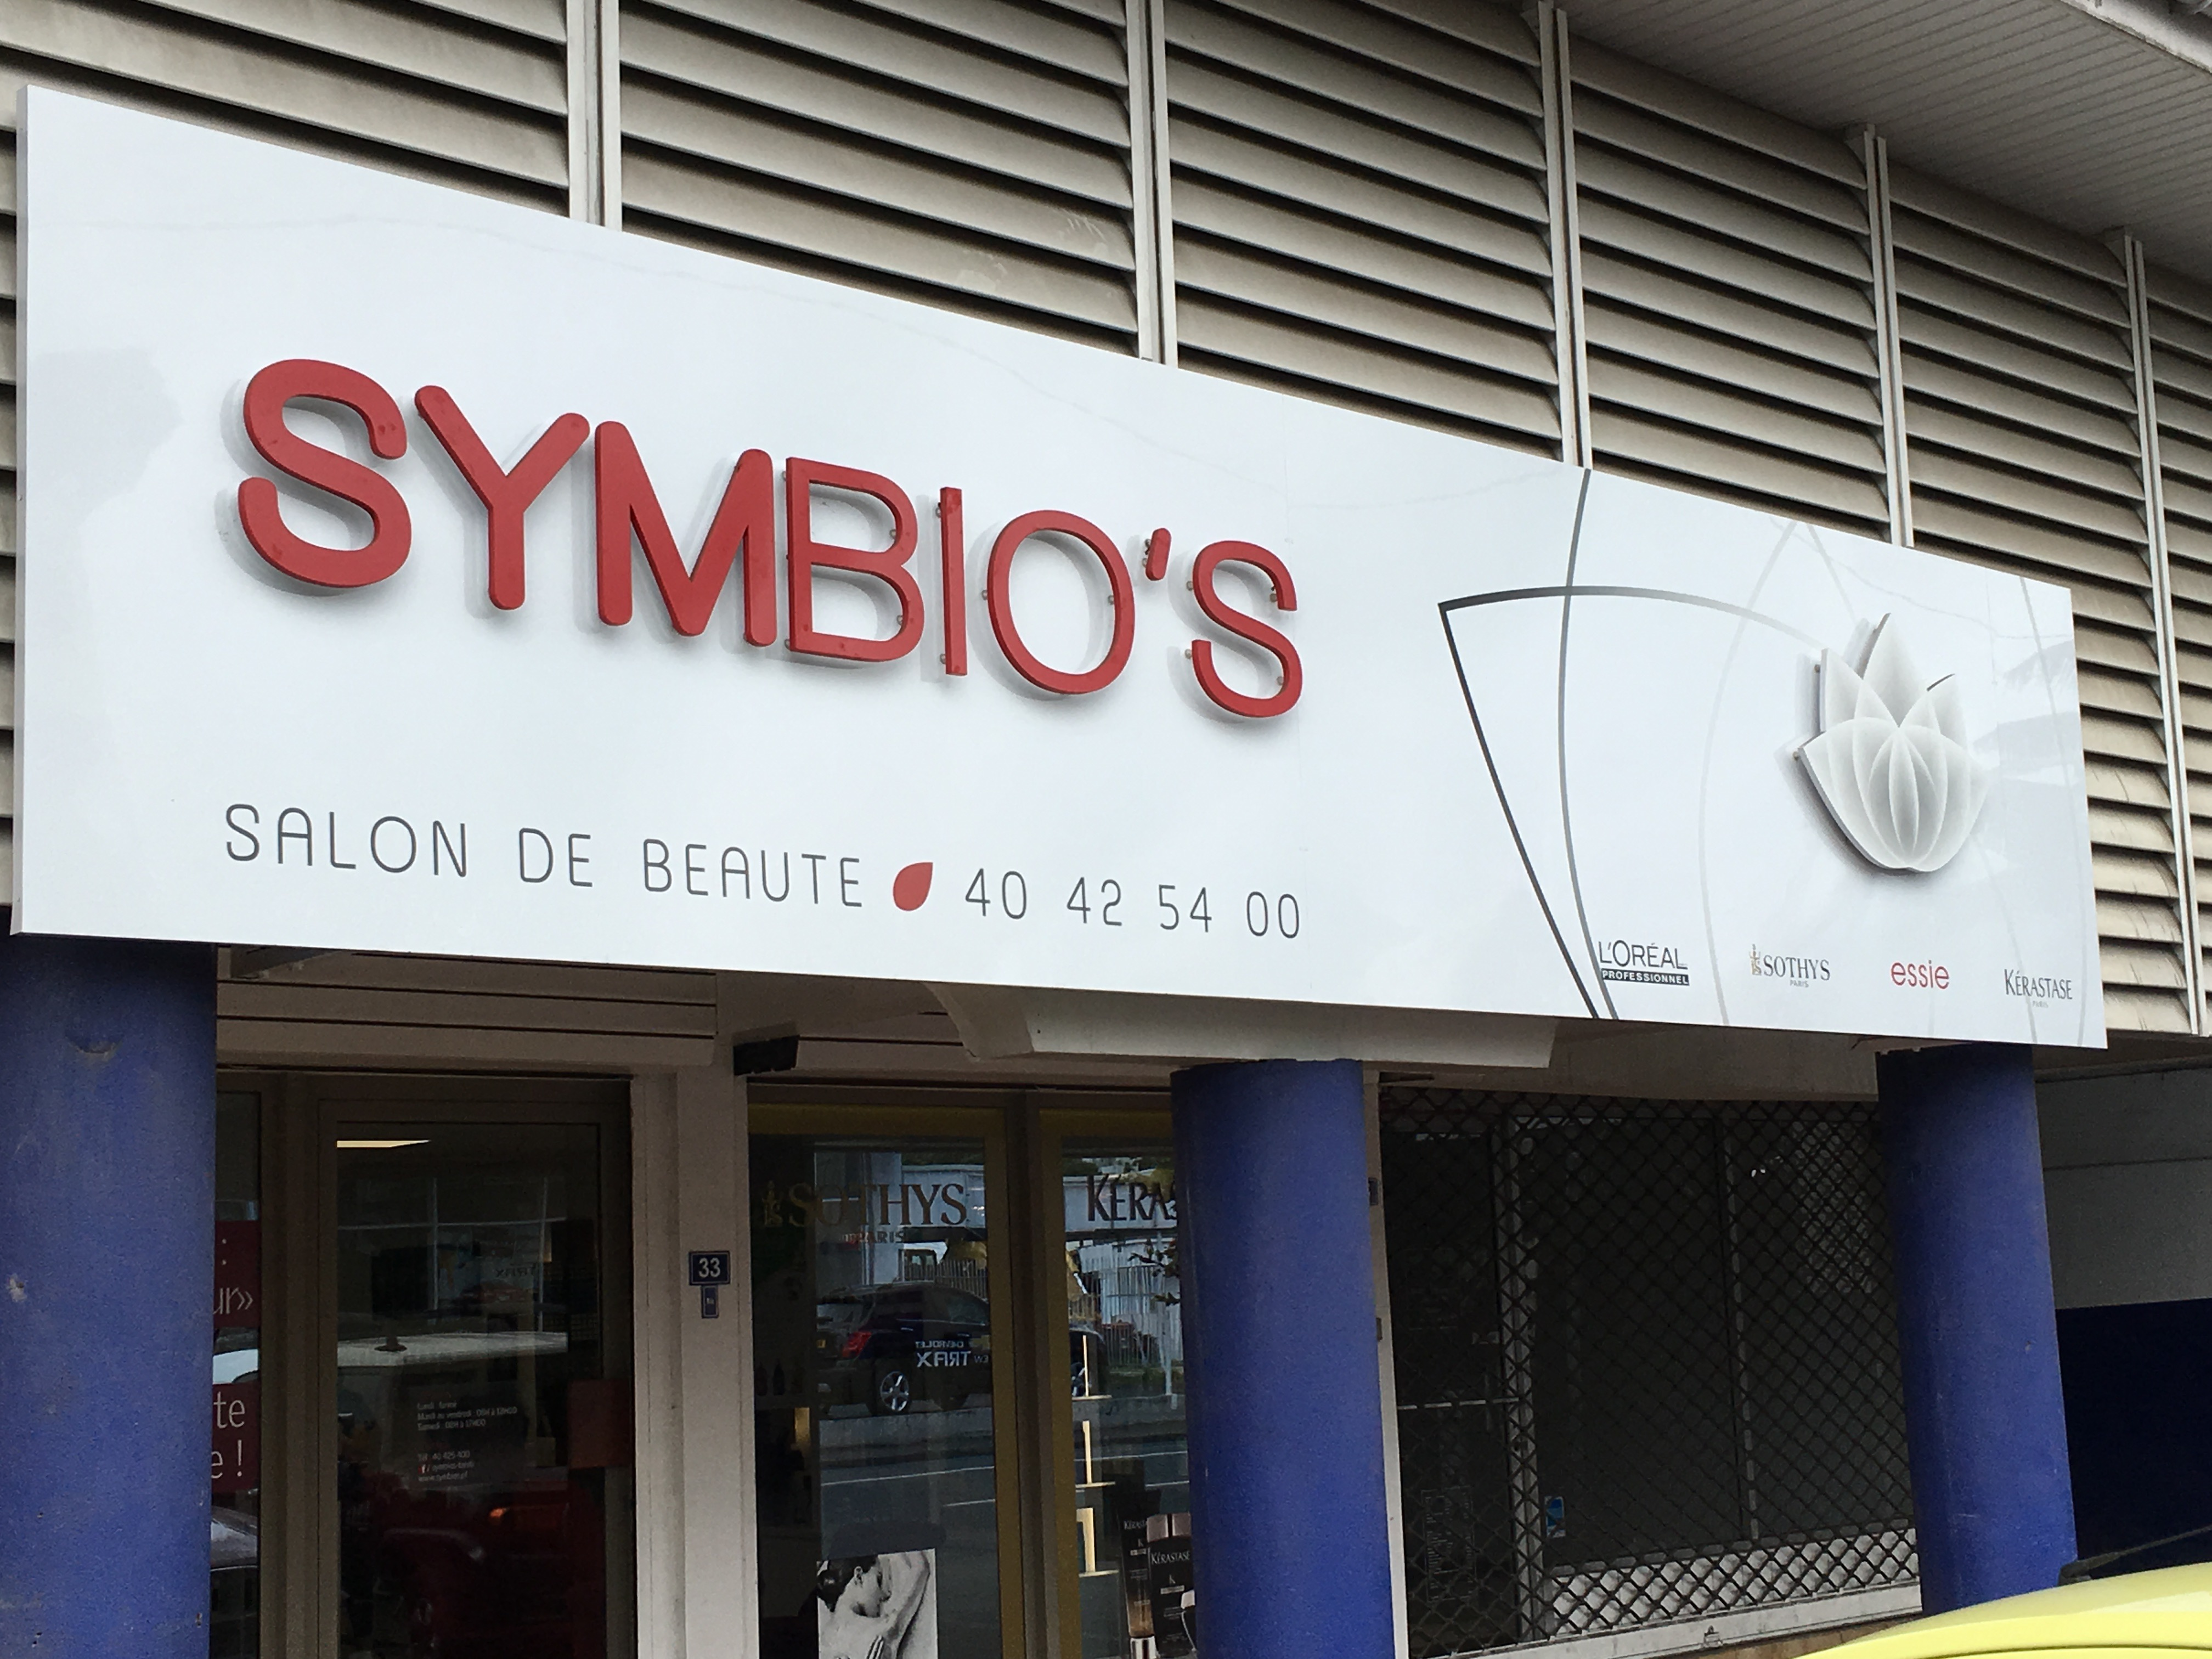 Symbio's